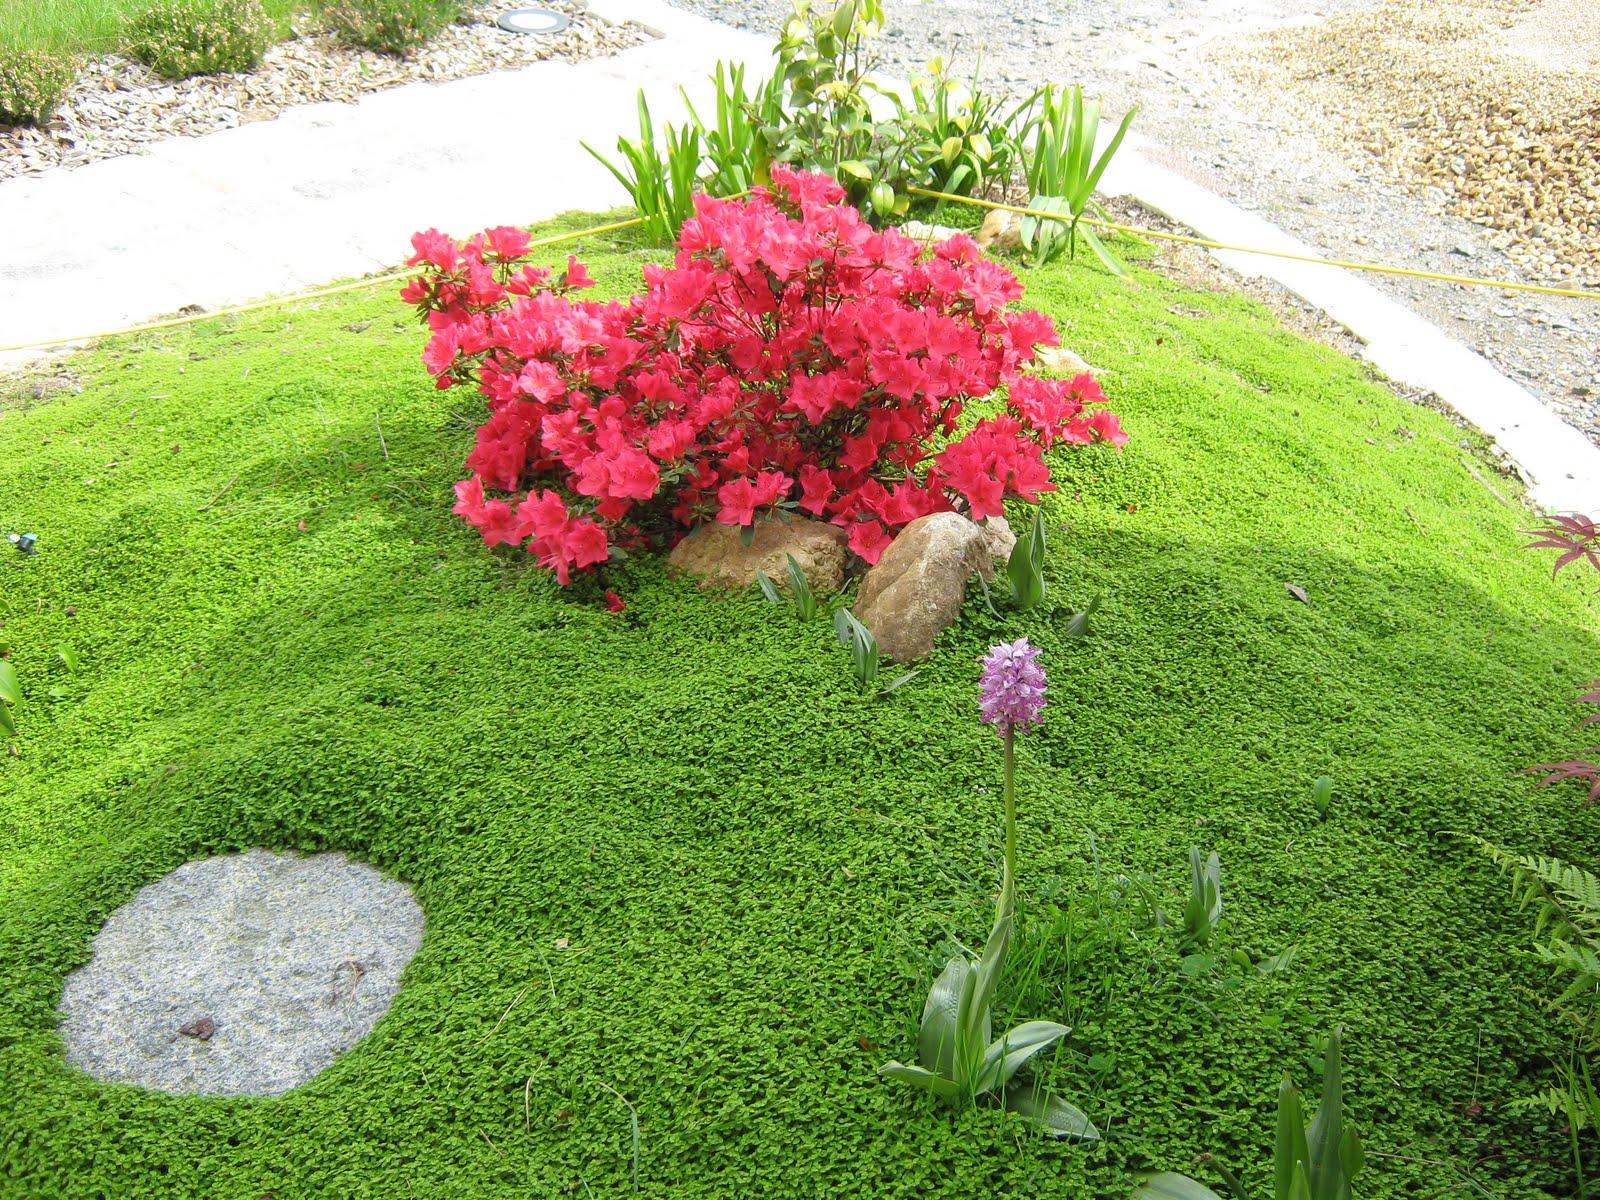 niwaki horizon du japon helxine soleirolia soleirolii. Black Bedroom Furniture Sets. Home Design Ideas